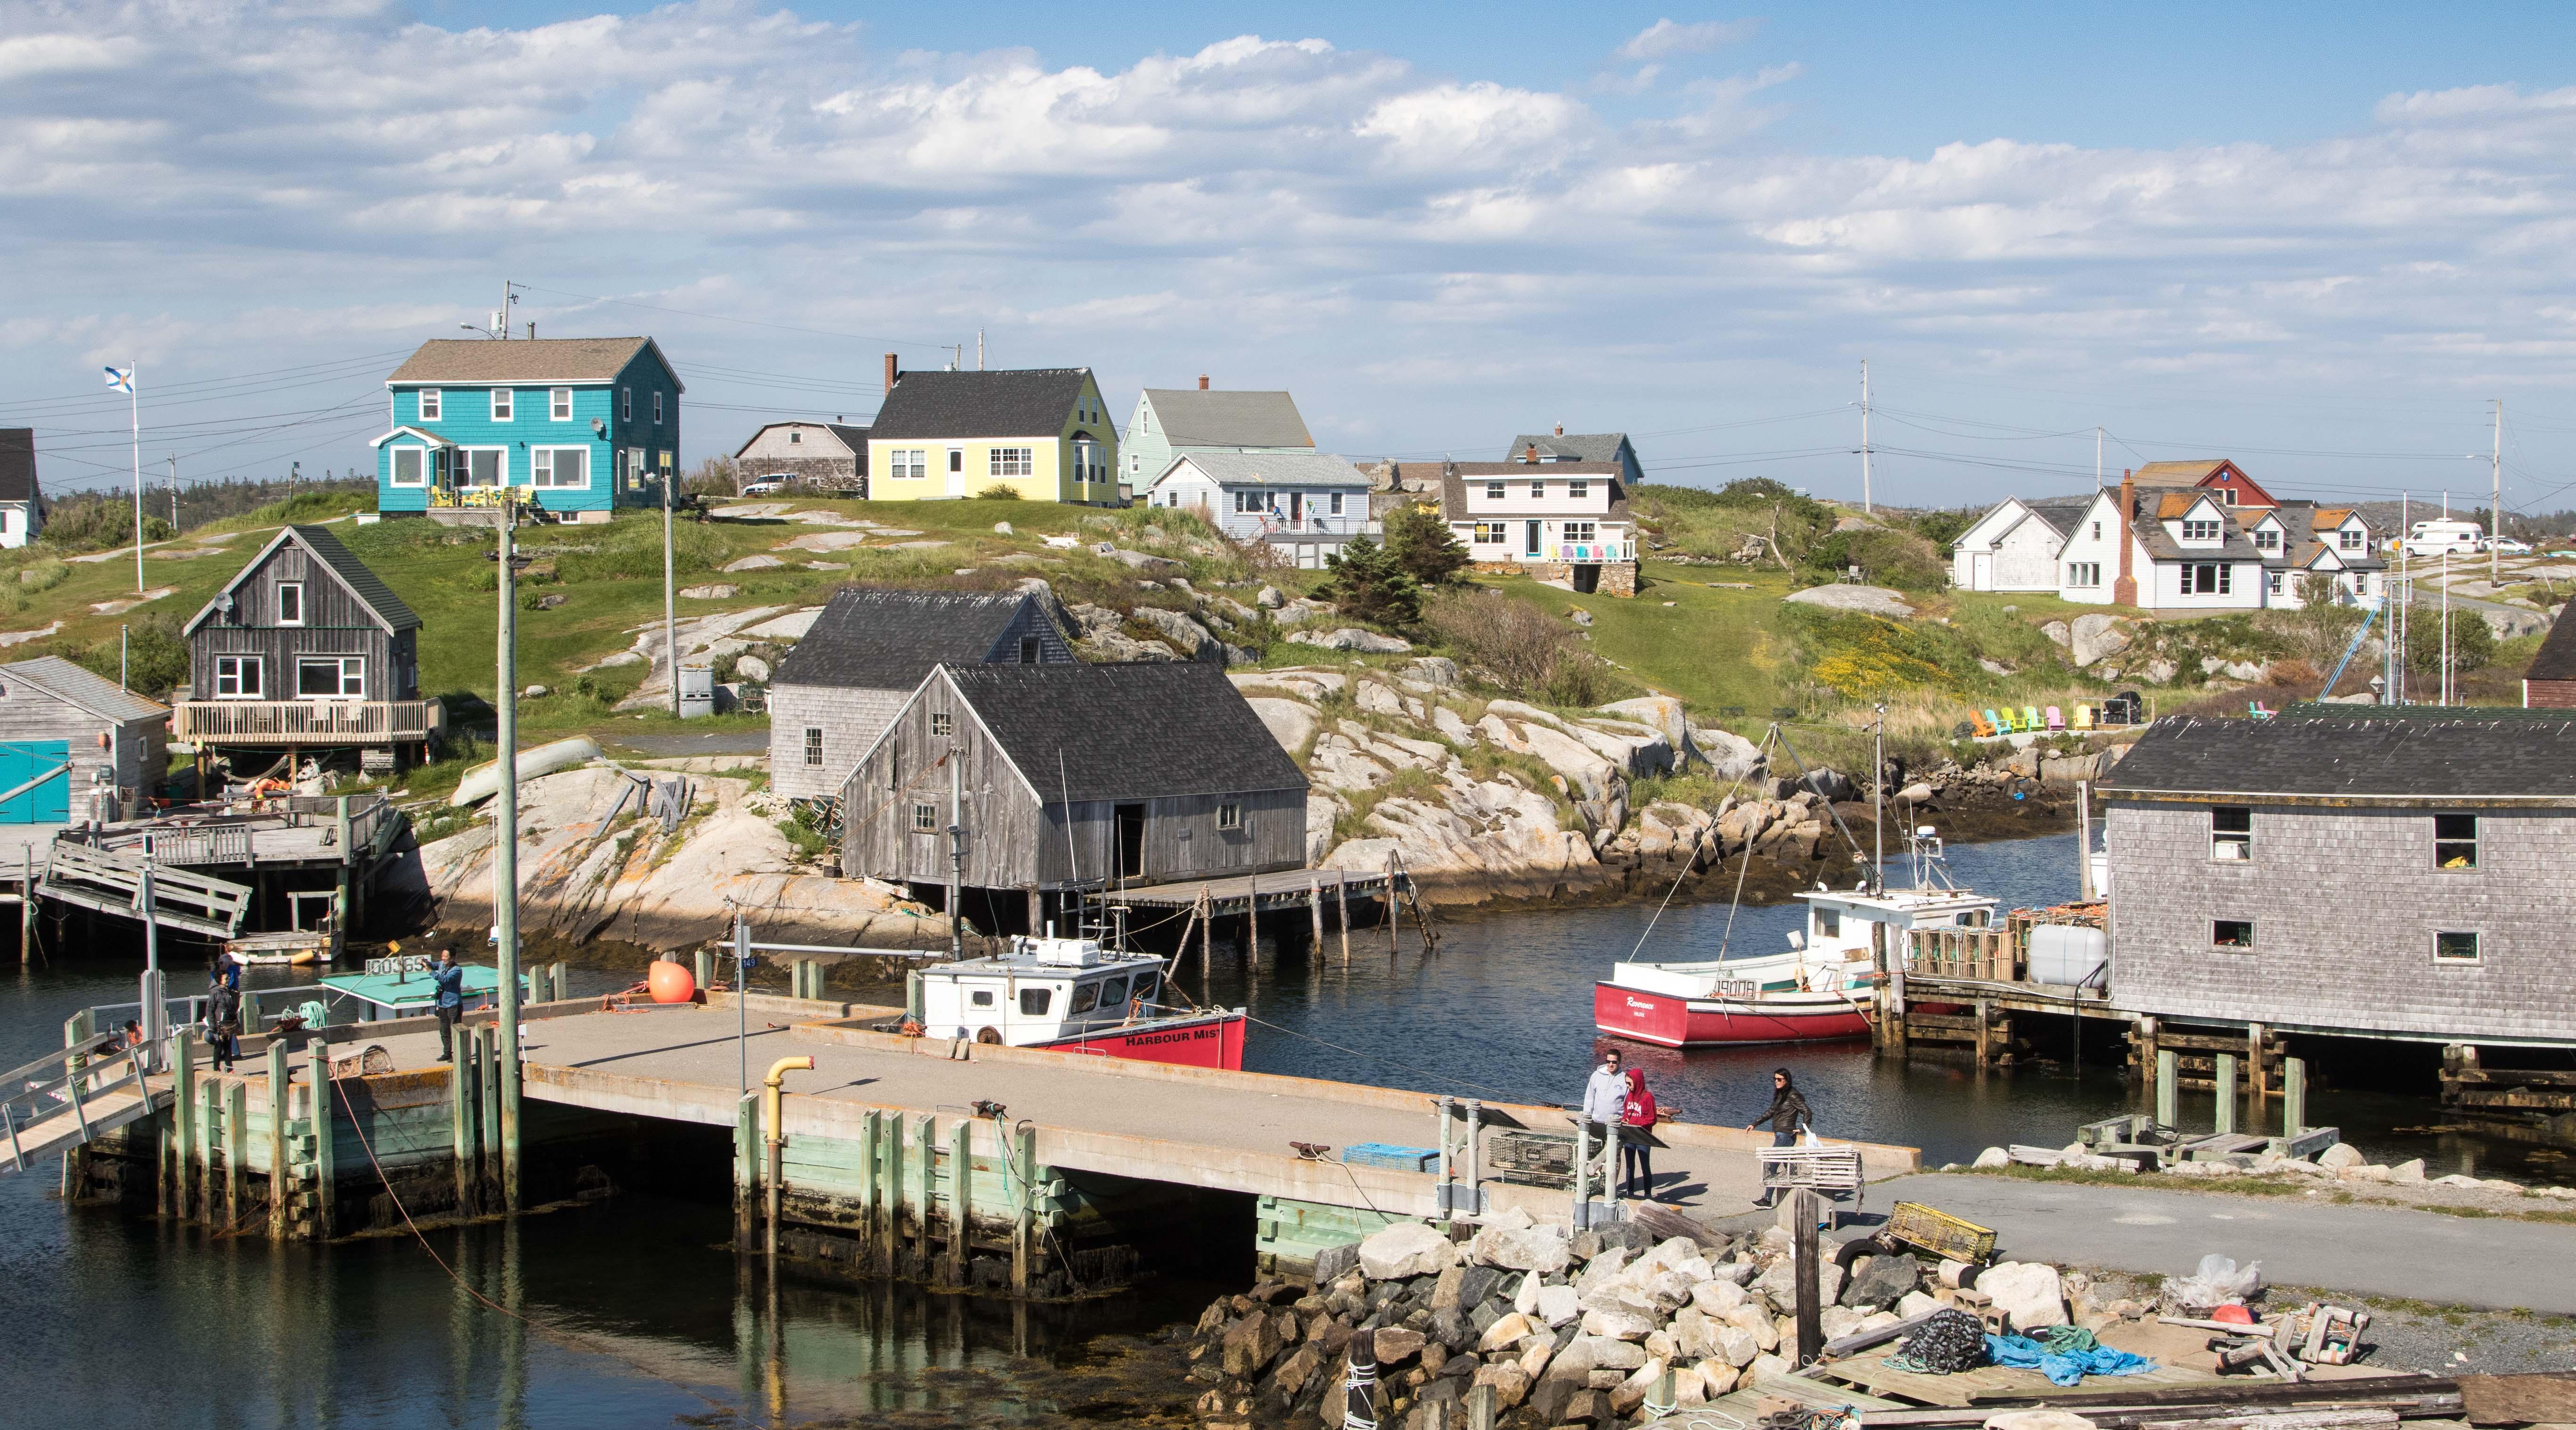 Gerade einmal 67 Menschen wohnen in dem kleinen Ort an der Atlantikküste.